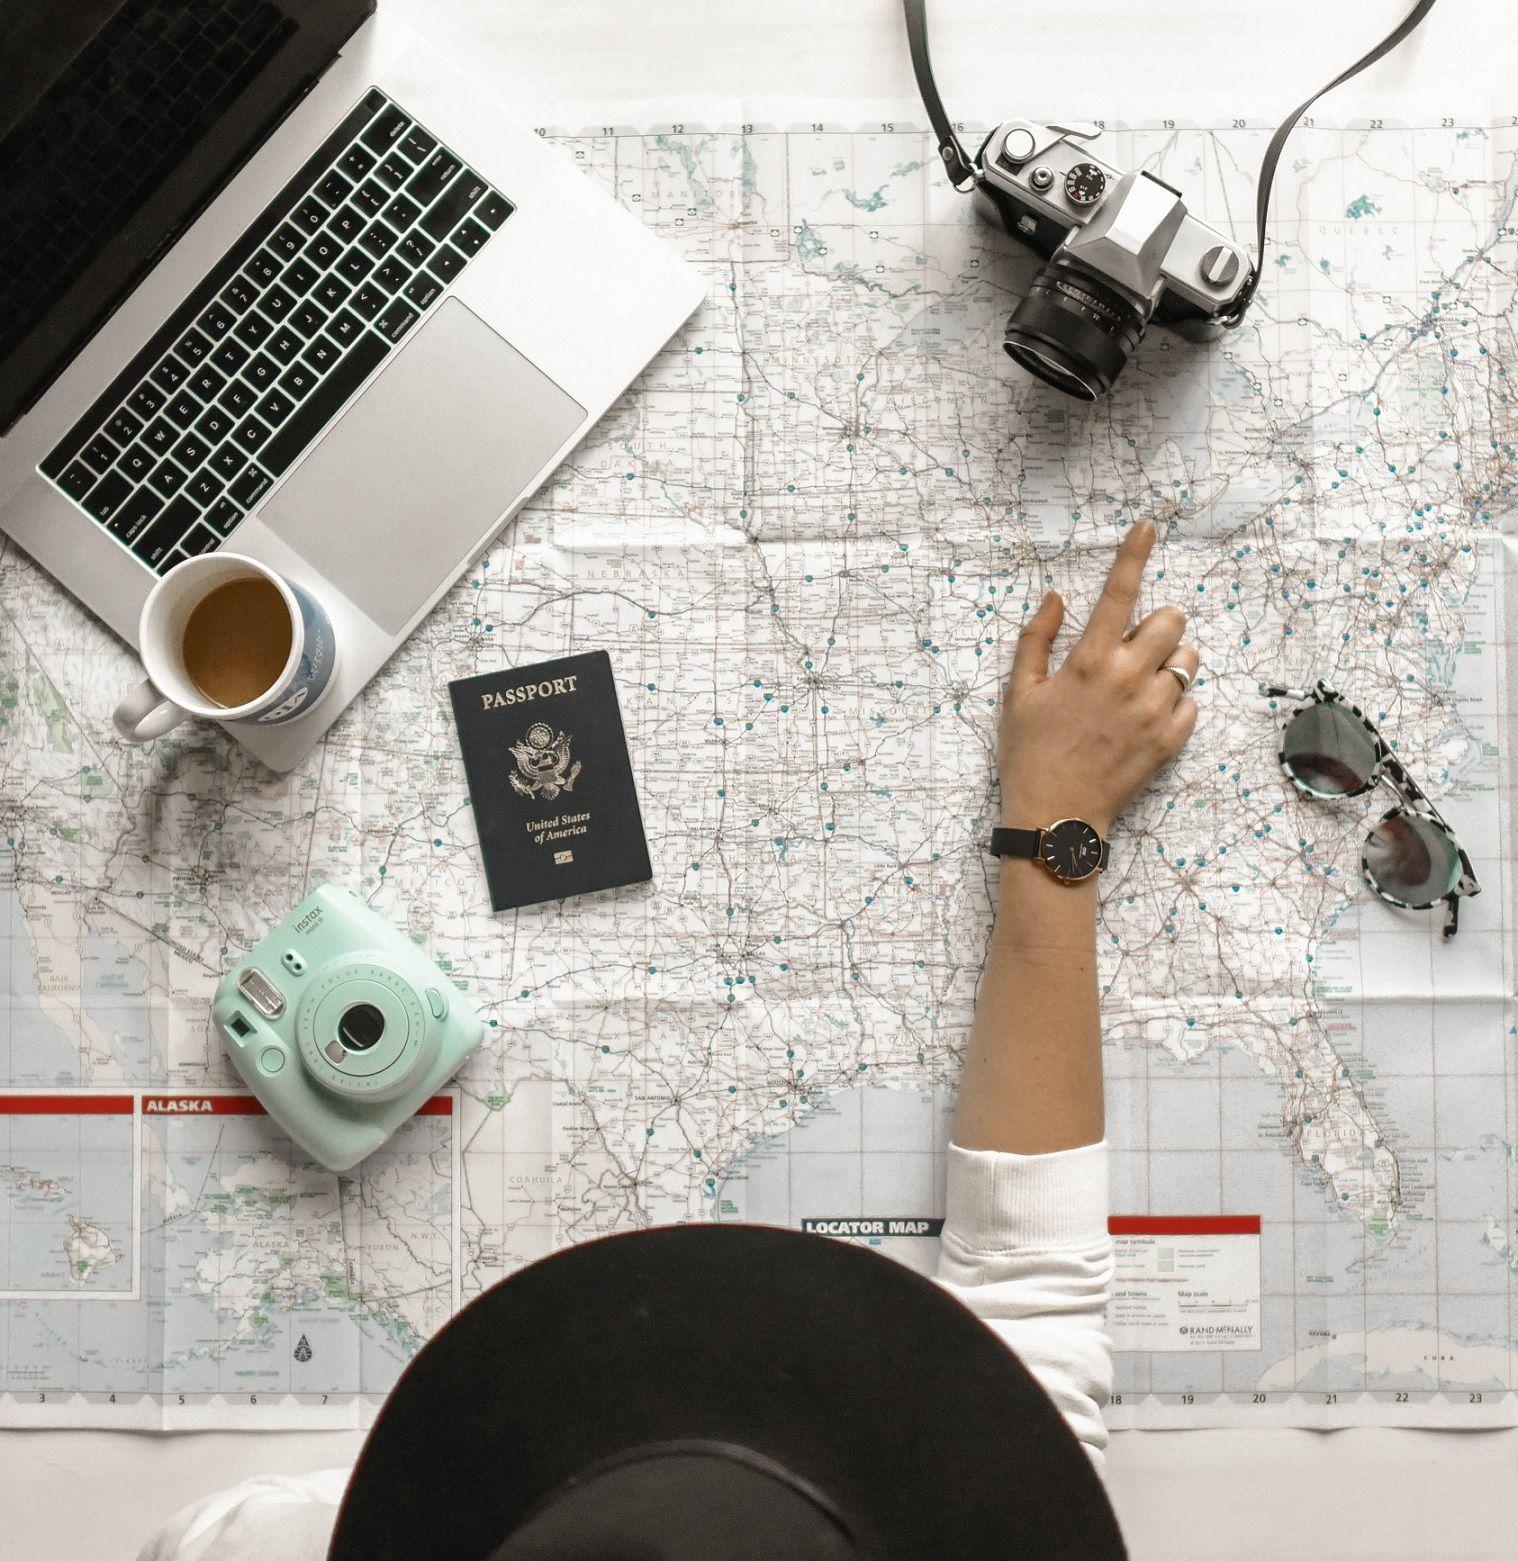 mulher com mapa, computador, câmera fotográfica e passaporte